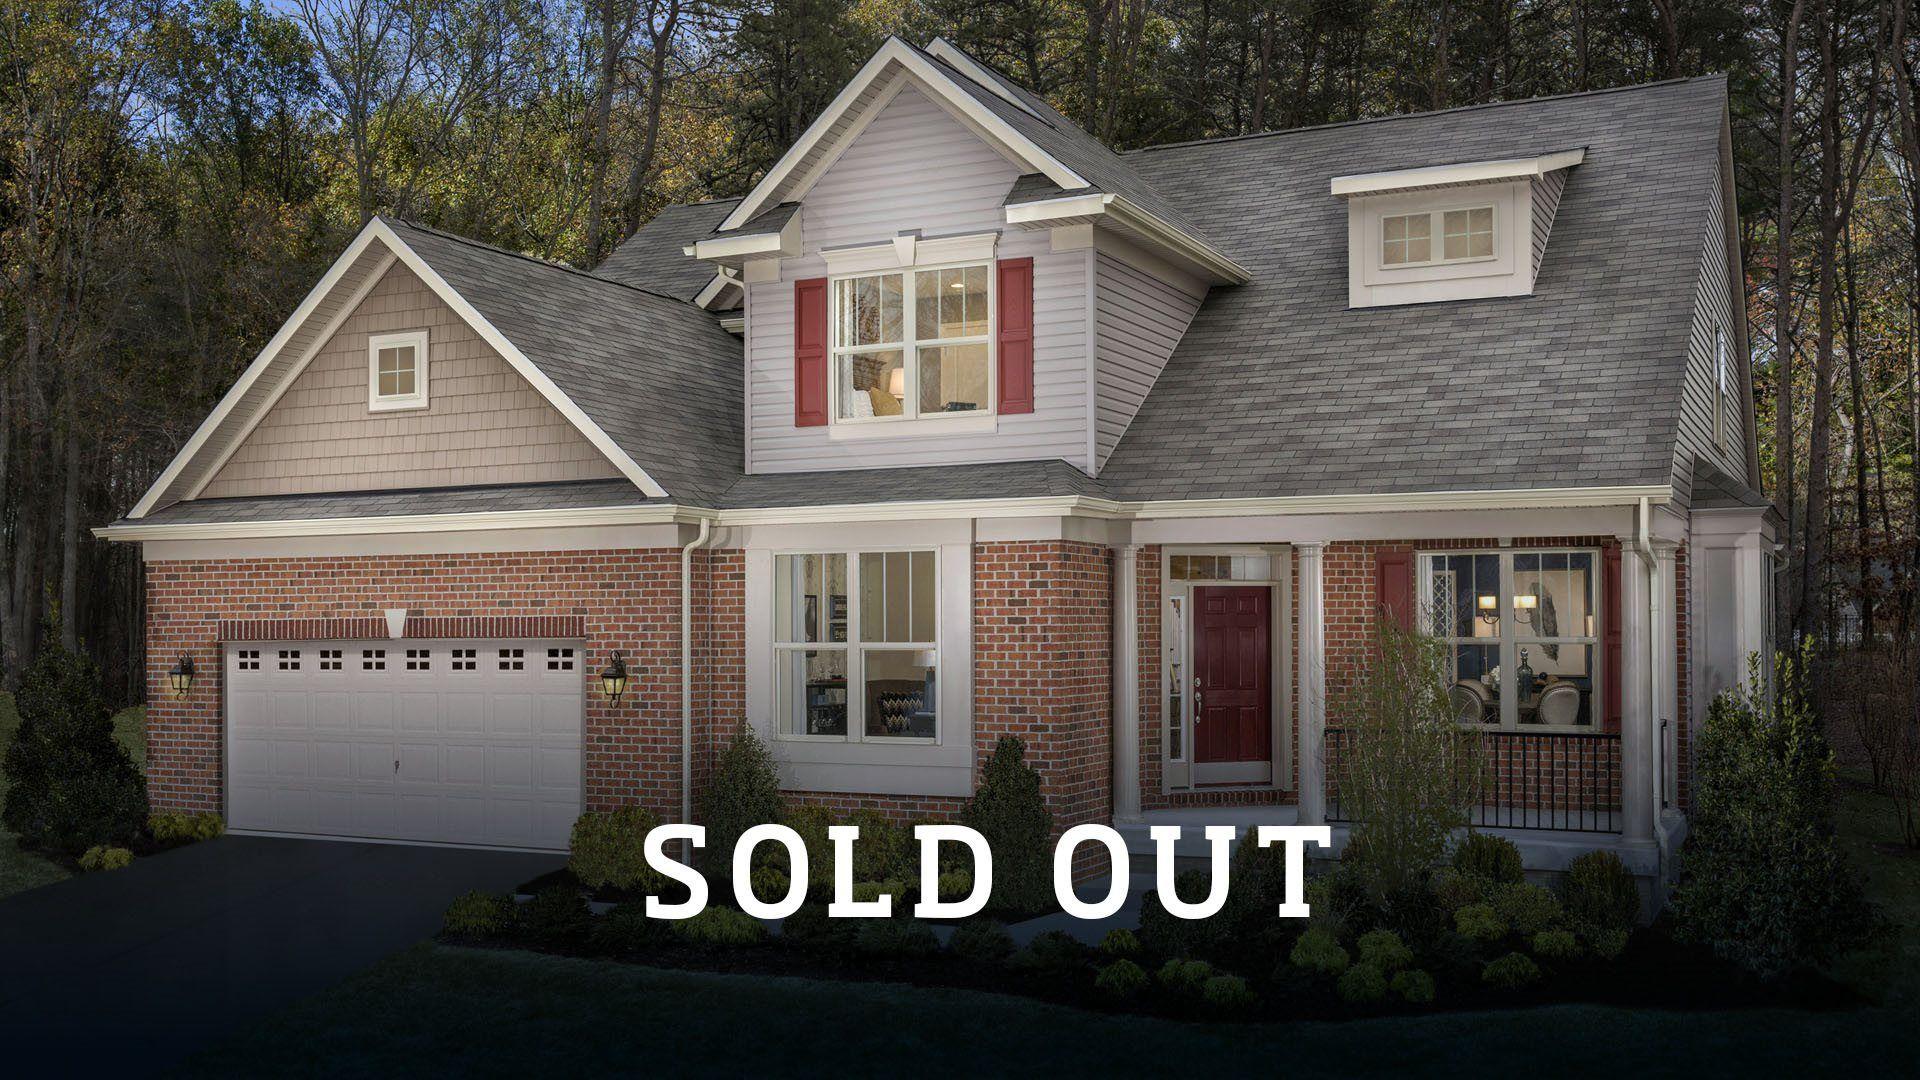 Bonnington | Sold Out